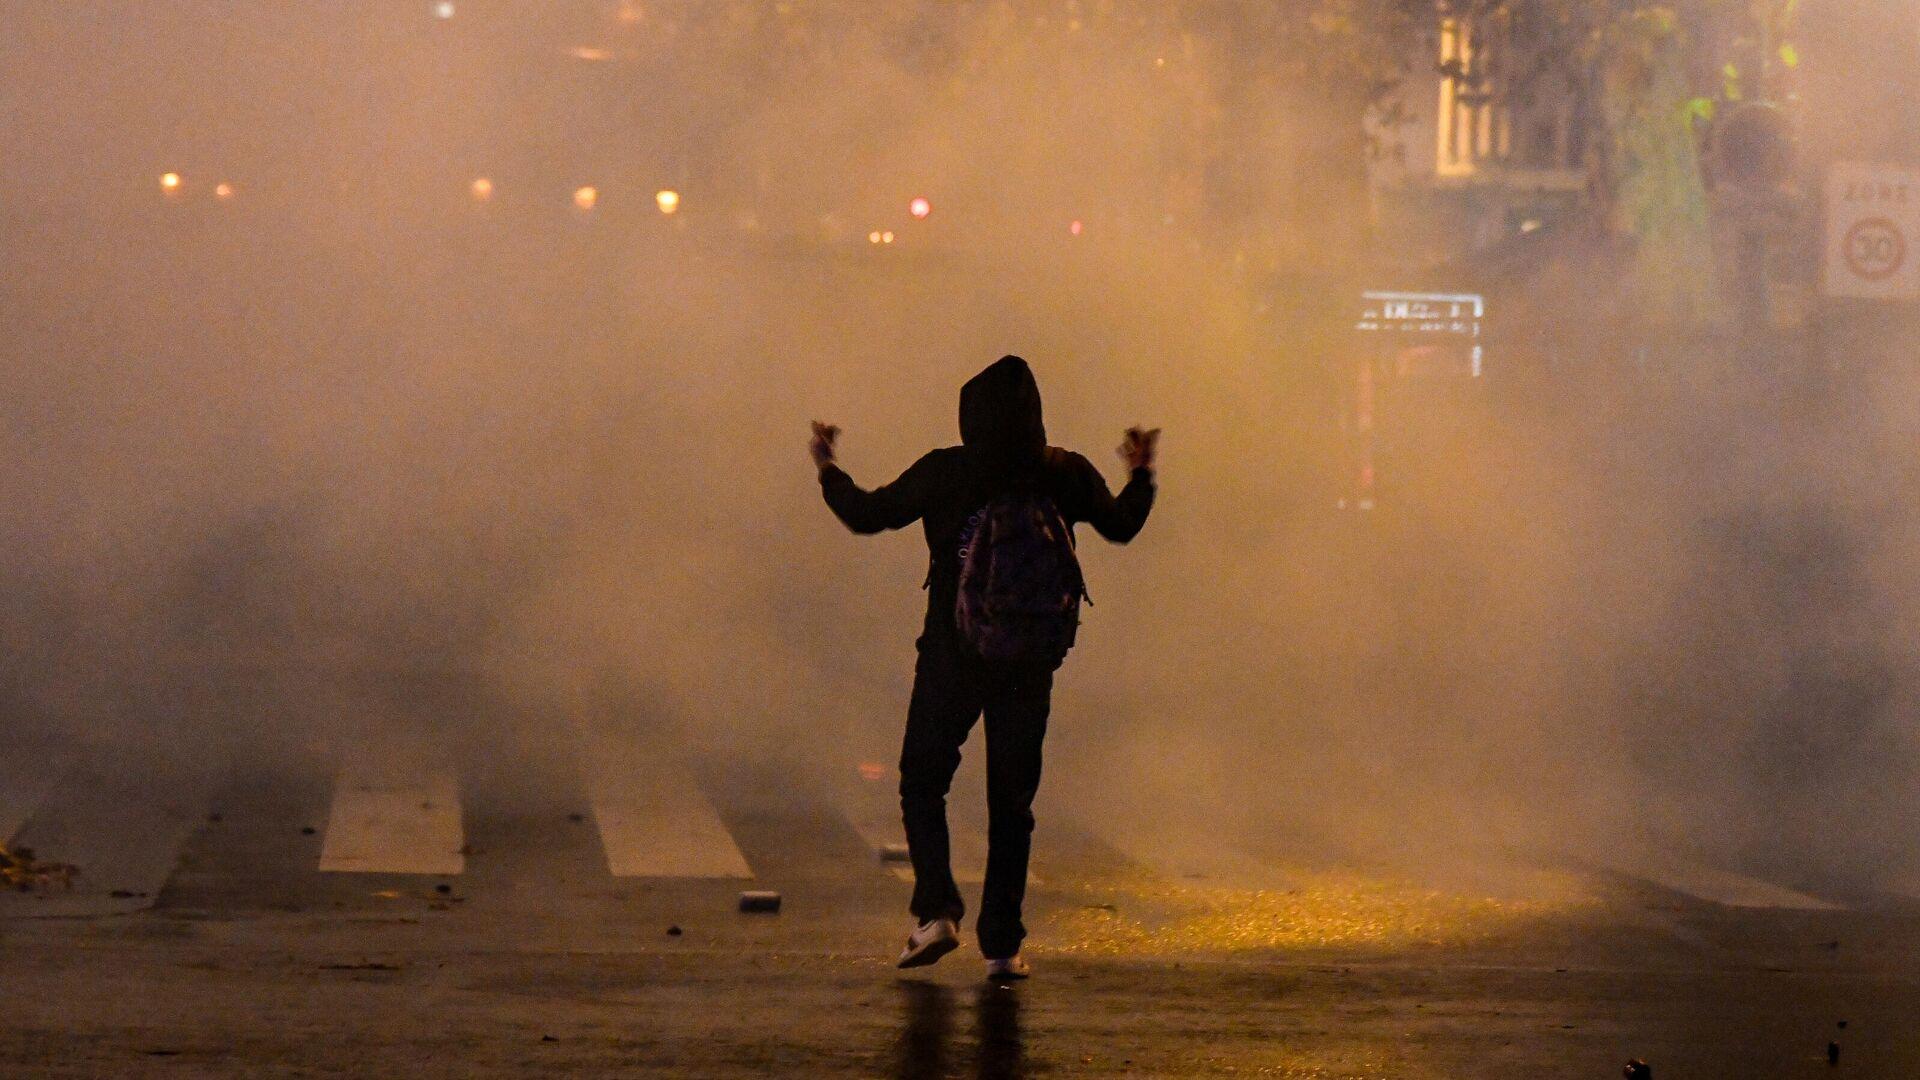 Участник акции протеста против законопроекта О глобальной безопасности в Париже - РИА Новости, 1920, 16.12.2020